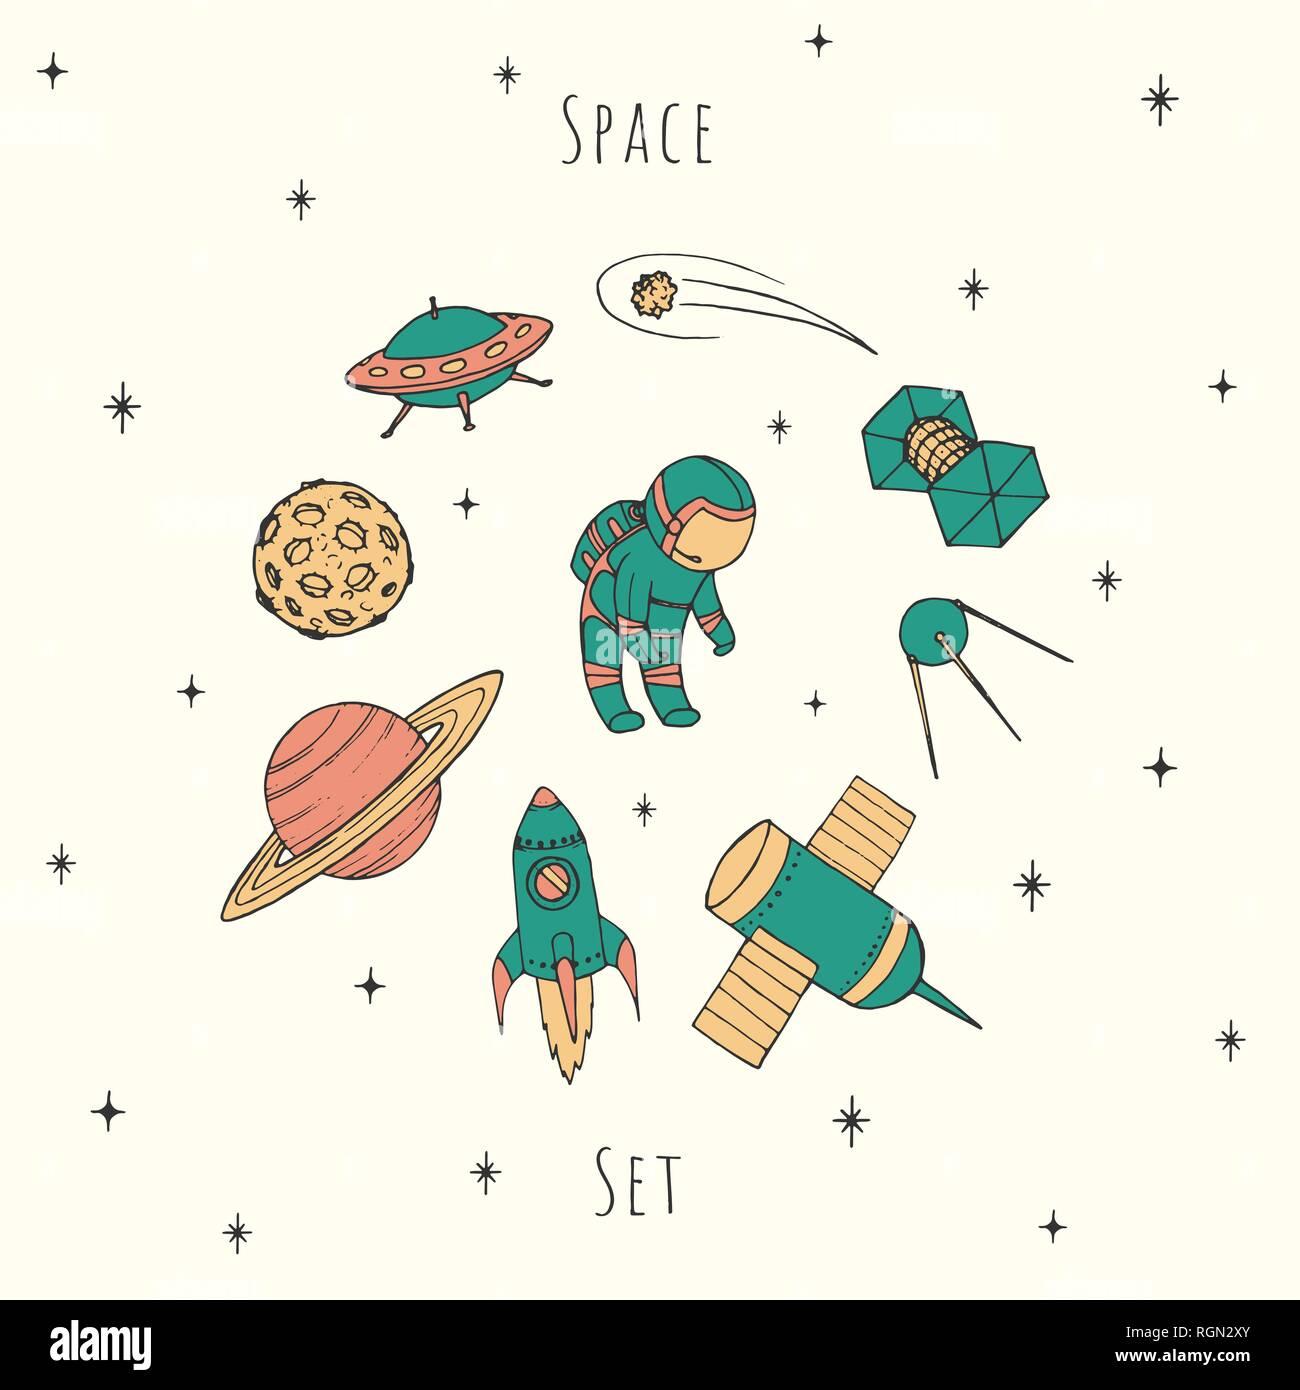 Vecteur dessiné à la main les éléments d'espace: cosmonaute, satelites, rocket, planètes, étoiles chute et OVNI. Situé dans cosmos coloré couleurs rétro. Illustration de Vecteur